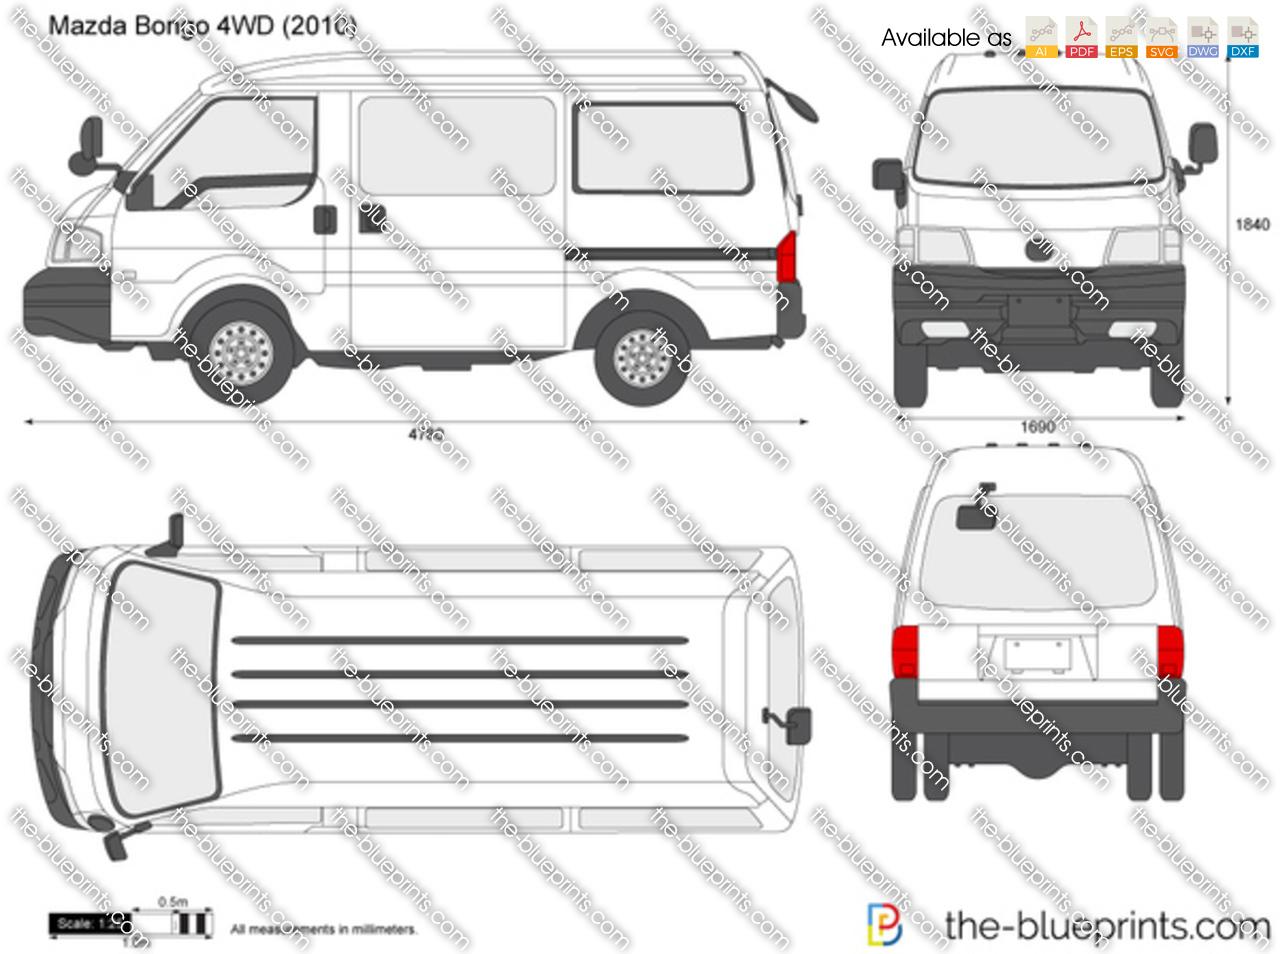 Mazda Bongo 4WD 2009